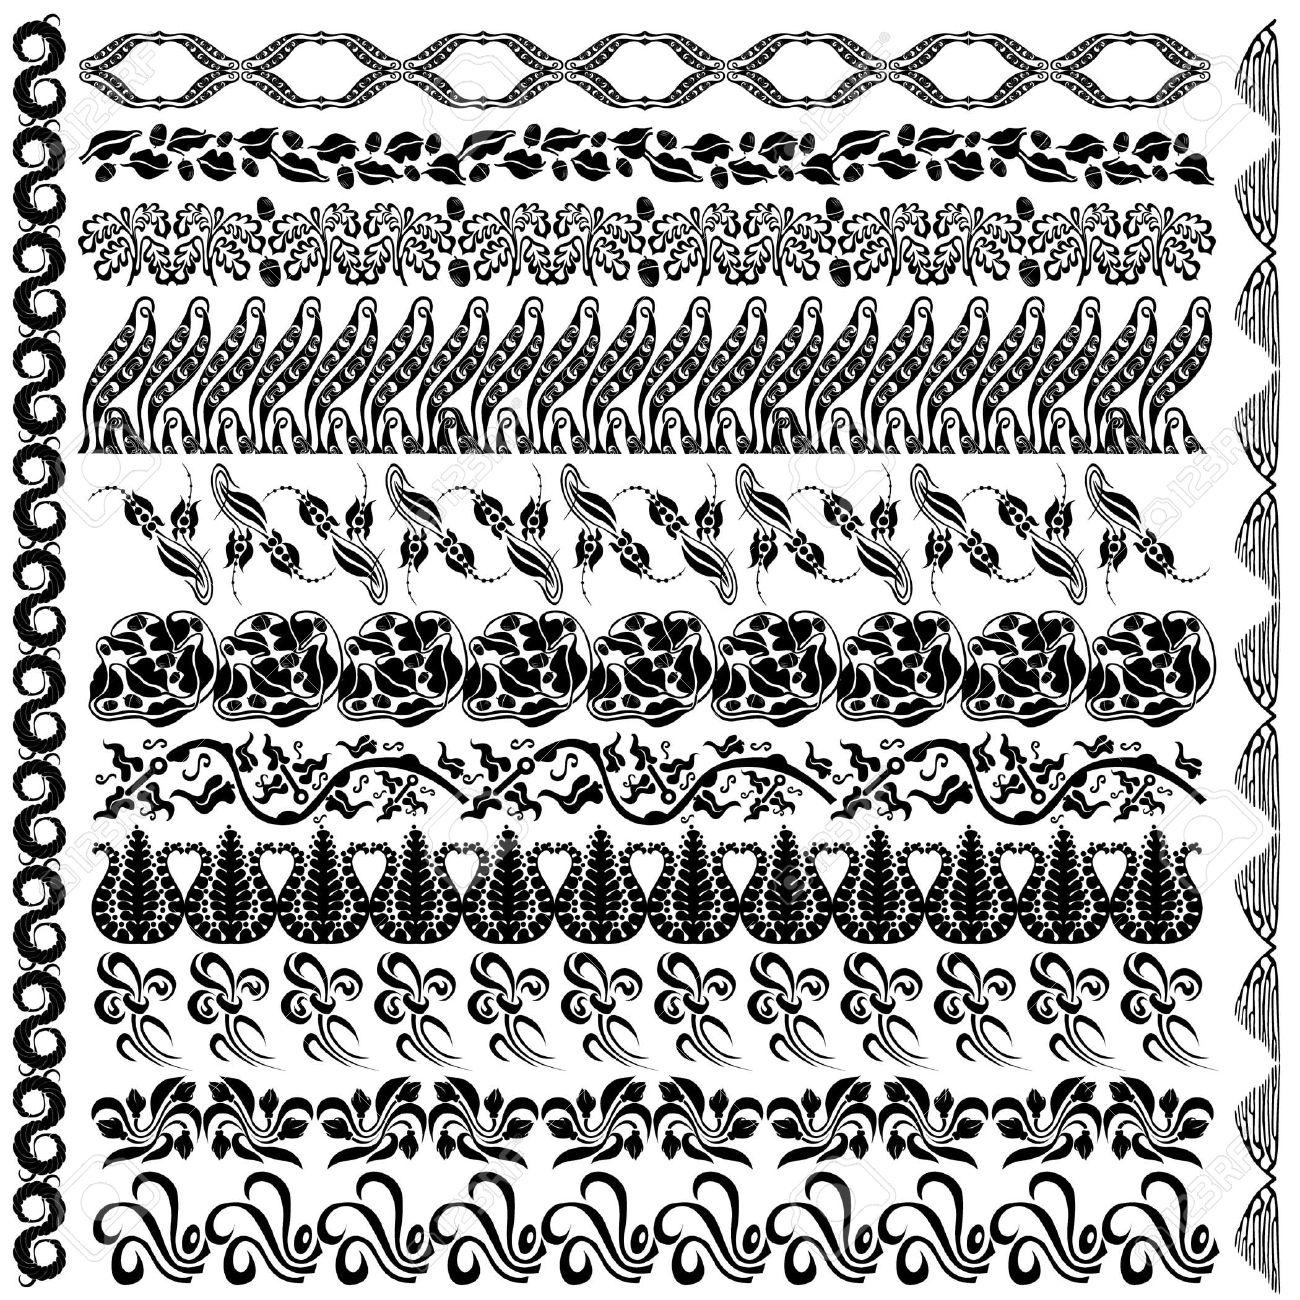 art nouveau silhouette pattern edge element Stock Vector - 12186009